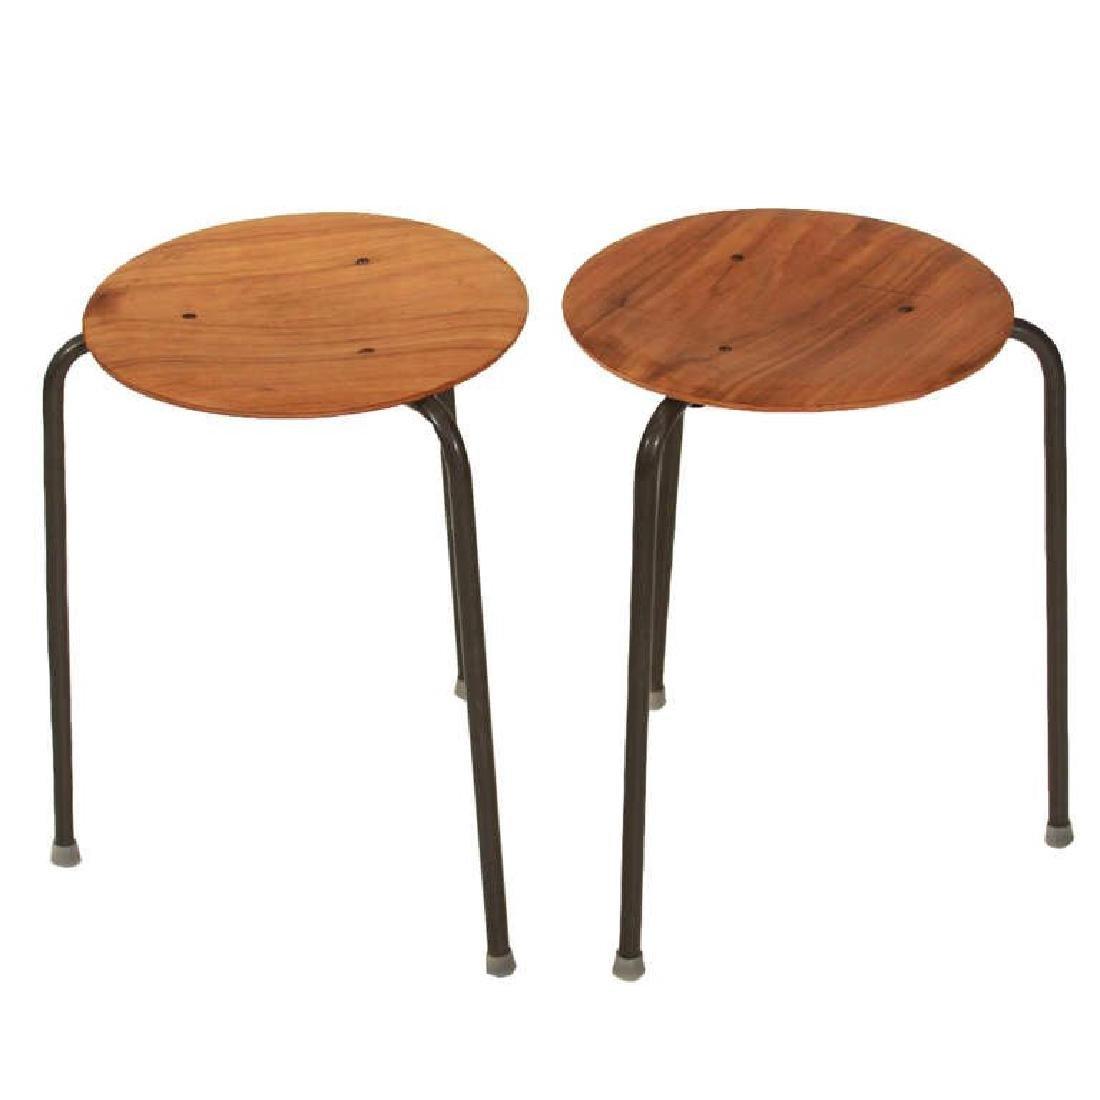 Molded Teak Plywood Stools (7) - 2